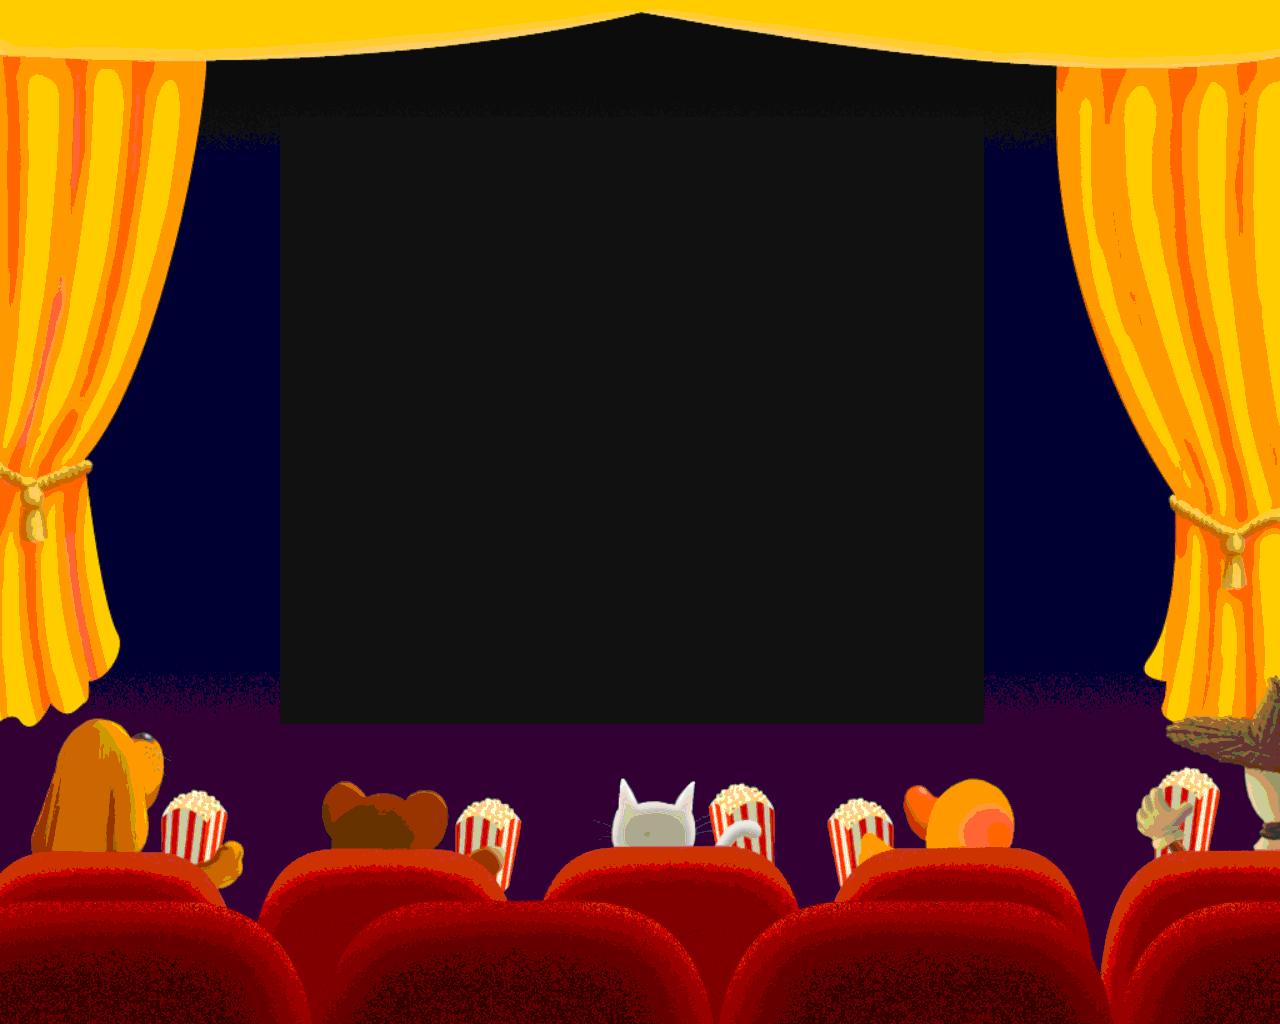 Картинка со сценой и зрителями